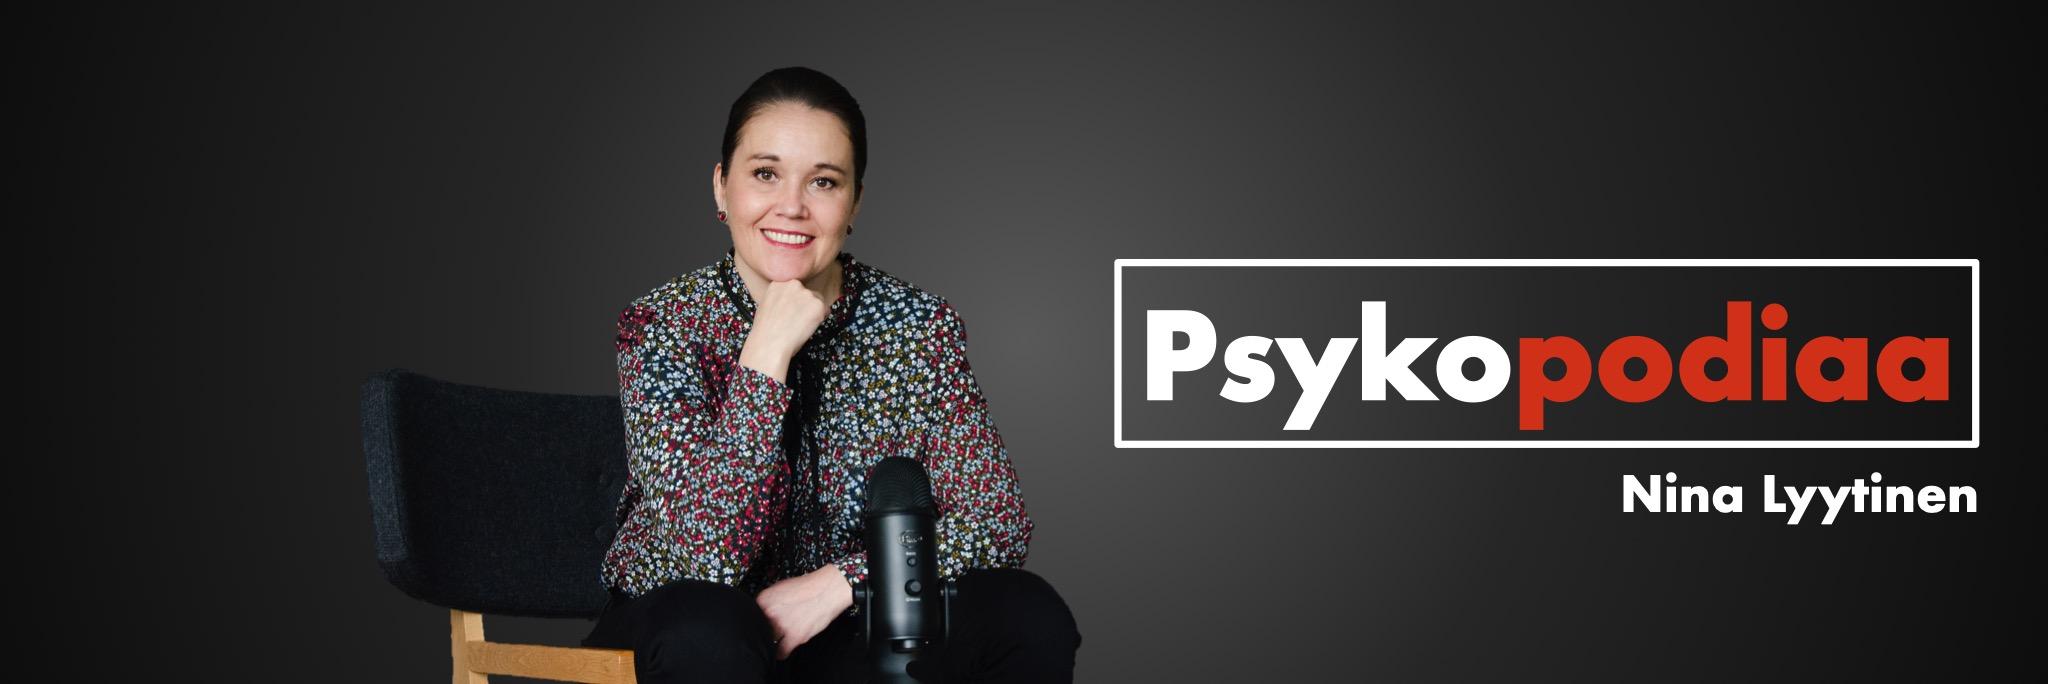 PsykoPodiaa - Nina Lyytinen